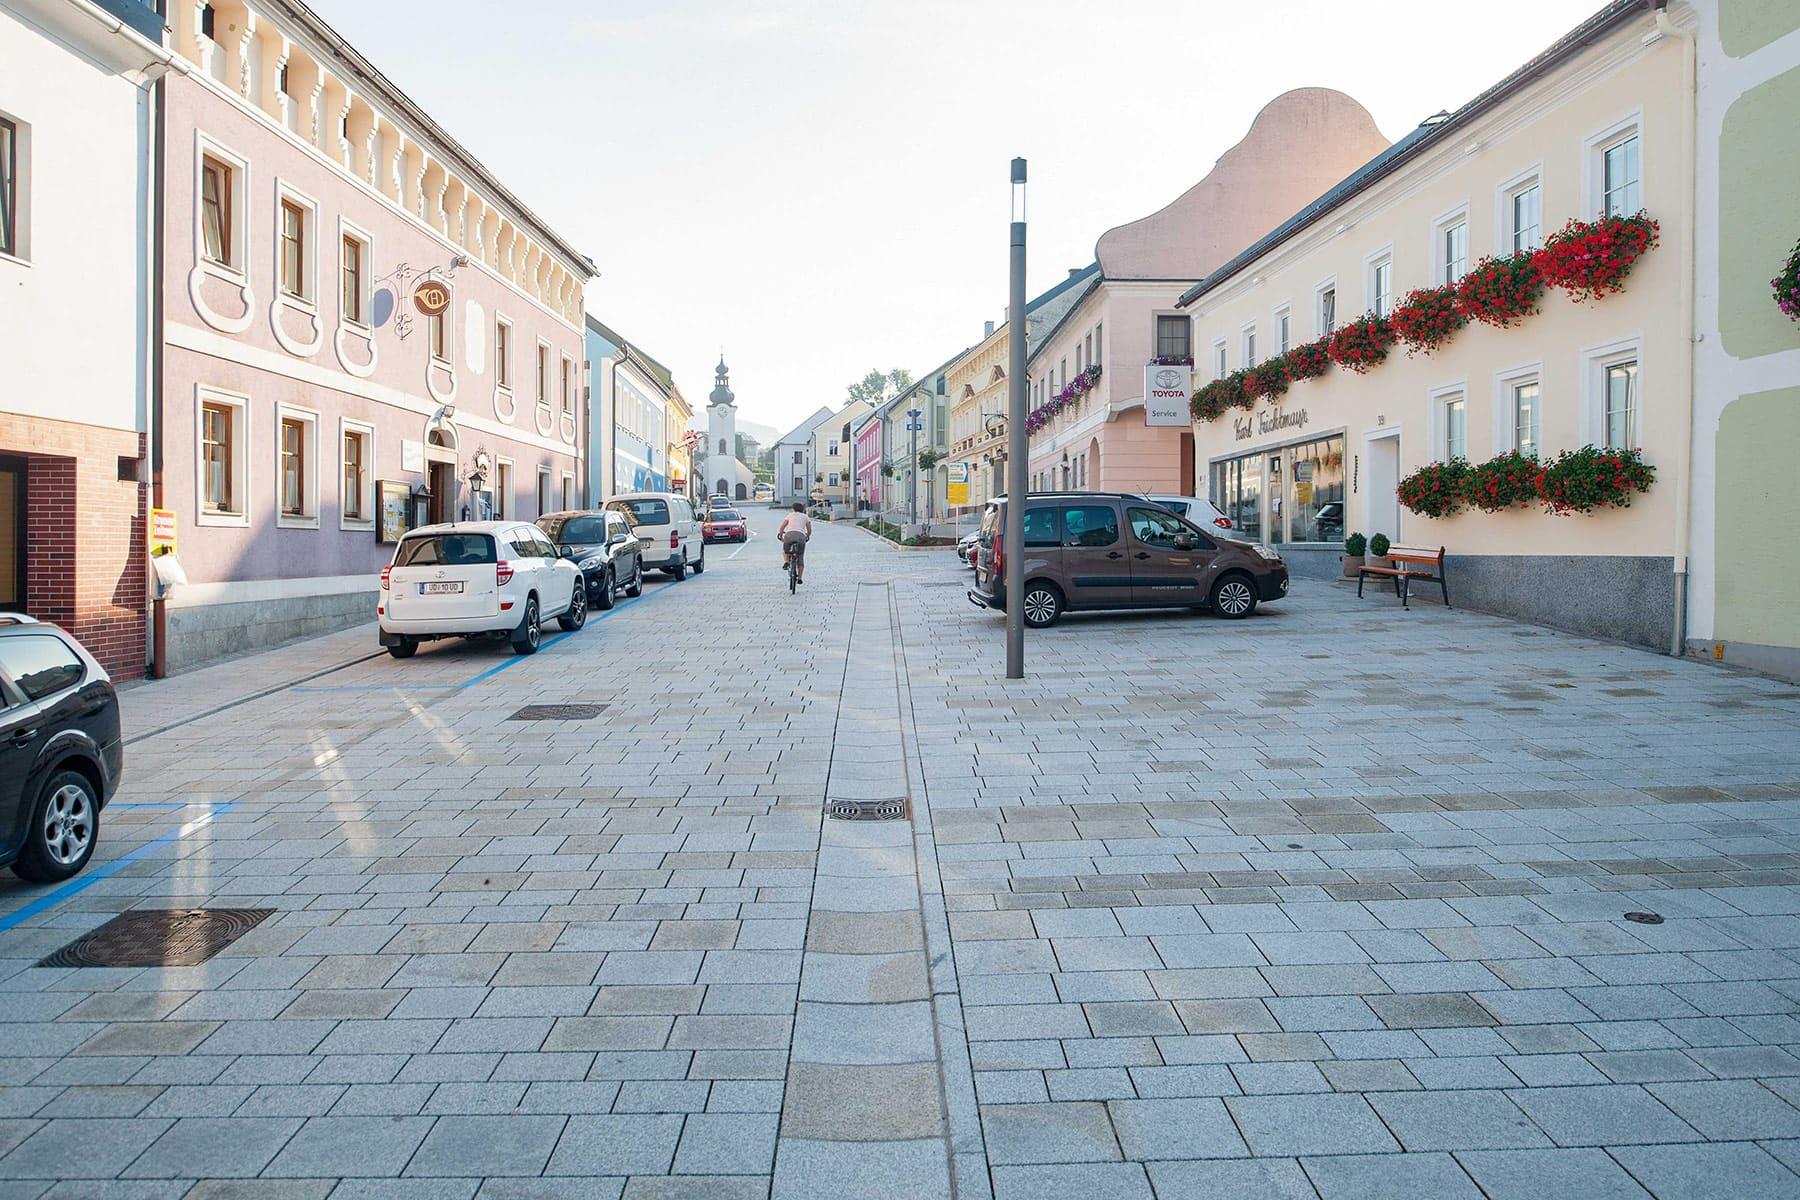 st.oswald, marktplatz, ortsplatz, dorfplatz, architekt, bürgerbeteiligung, zentrumsgestaltung, neugestaltung, begegnungszone, oberösterreich